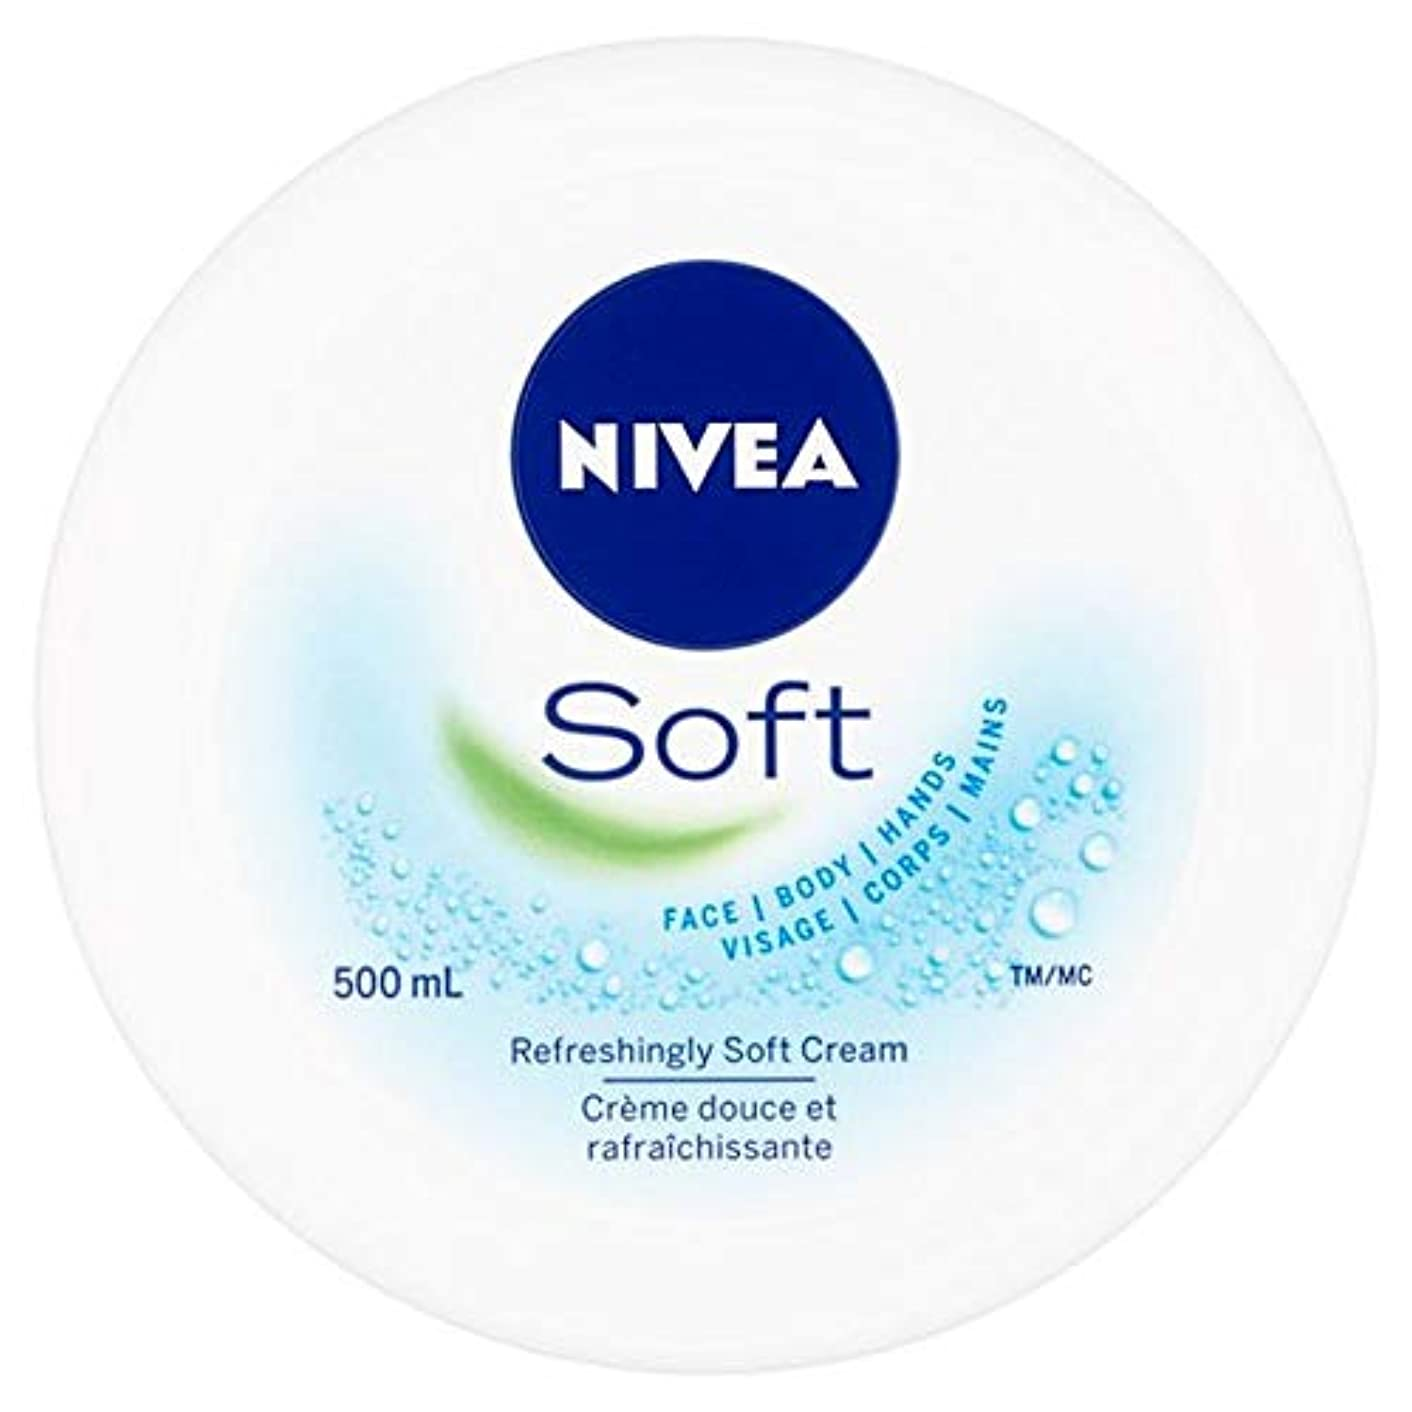 ディベートマニュアル欲望[Nivea] ニベアソフト爽やかなクリーム500ミリリットル - Nivea Soft Refreshing Cream 500Ml [並行輸入品]